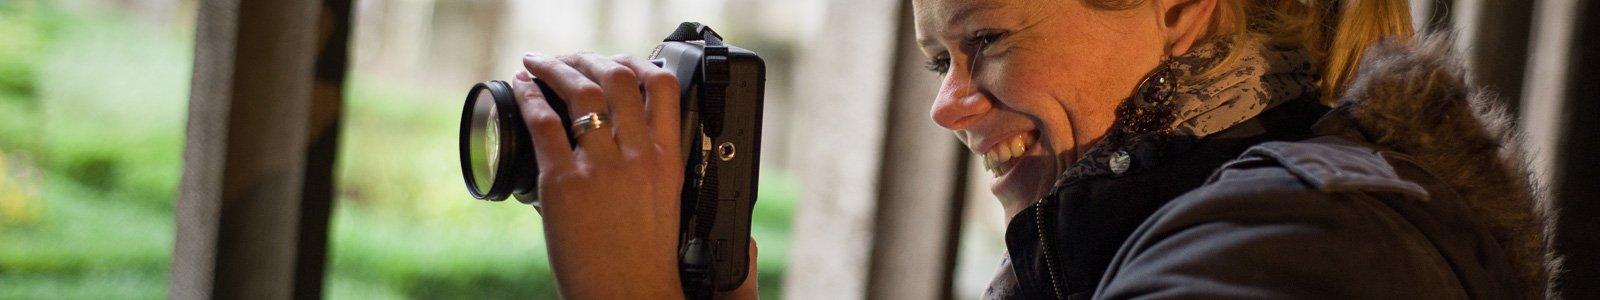 Fotografie en digitale media foto: Jelmer de Haas